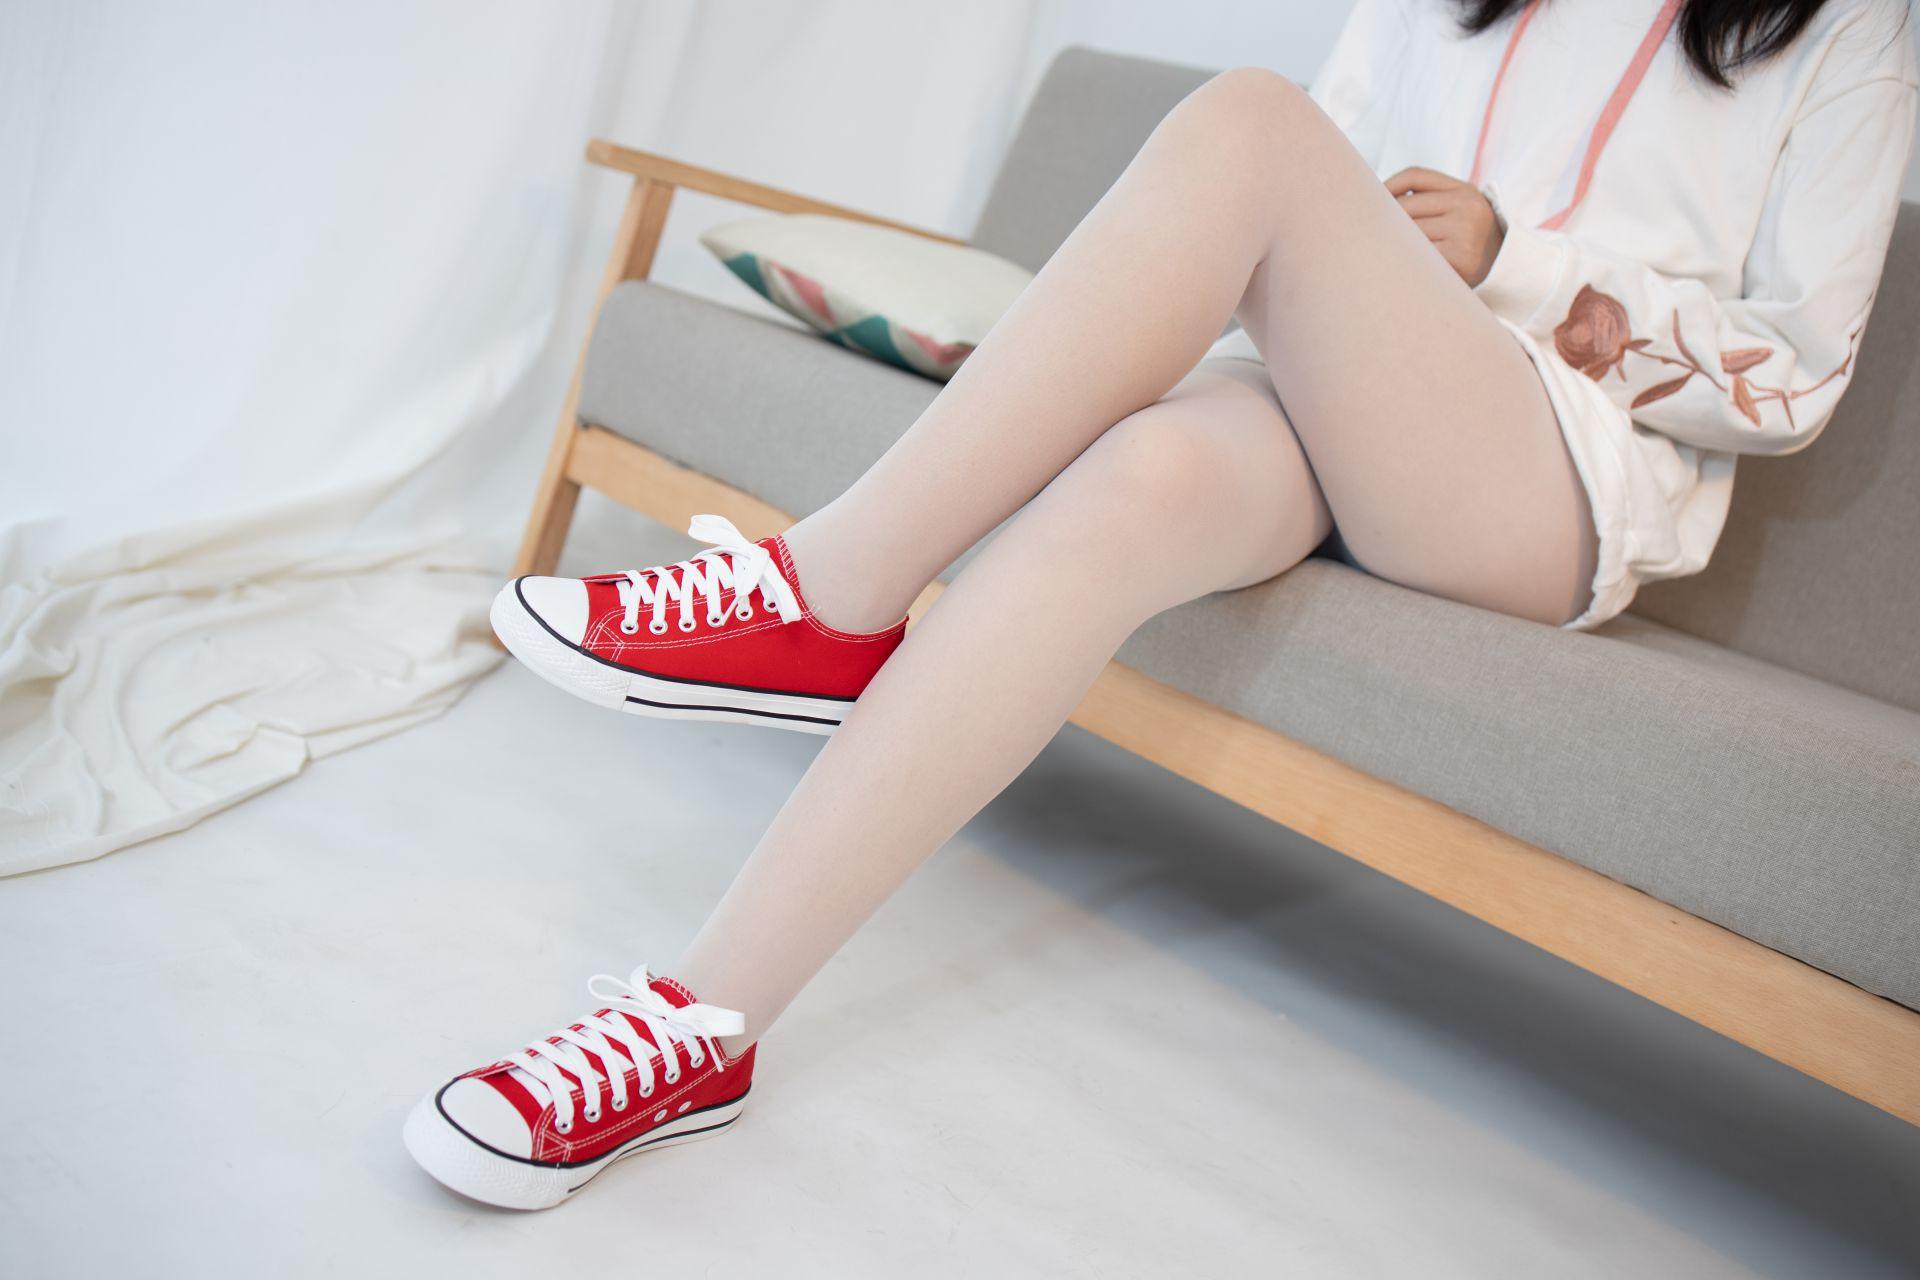 【森萝财团】 森萝财团写真 – JKFUN-054 红布鞋白丝 13D白丝 小夜 [50P-1V-1.75GB] JKFUN 第3张